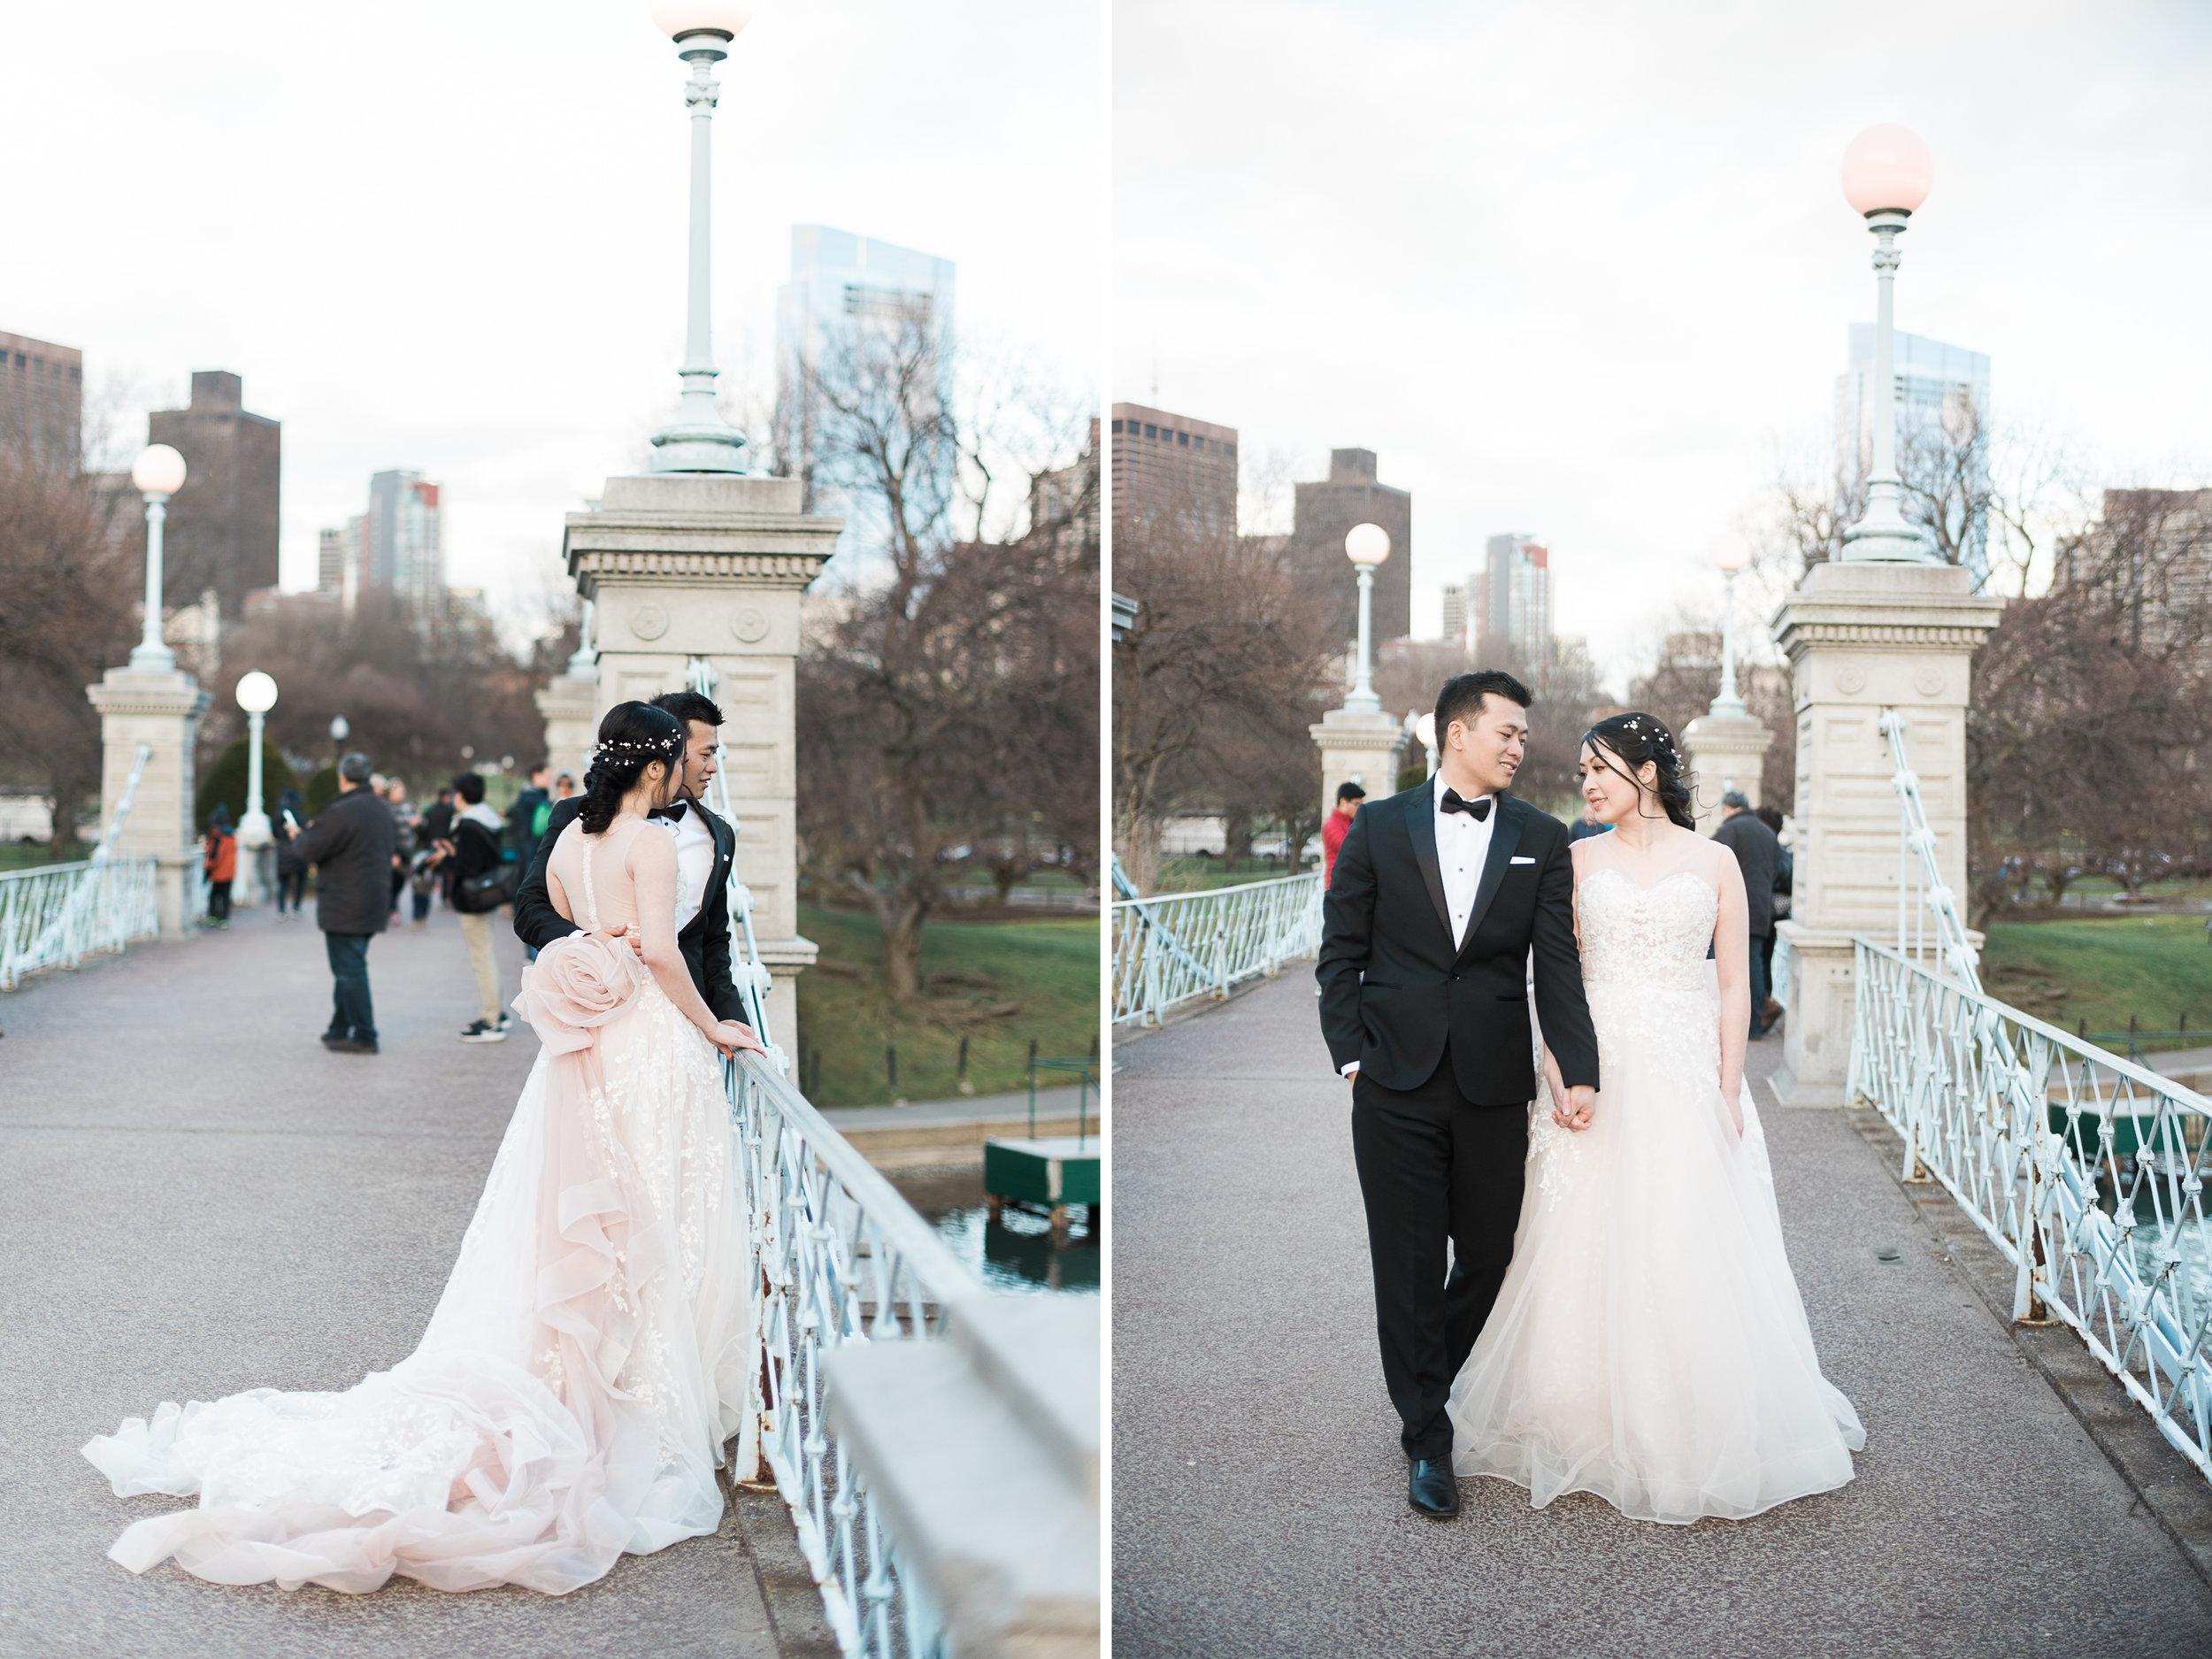 Boston Public Garden Wedding Photos